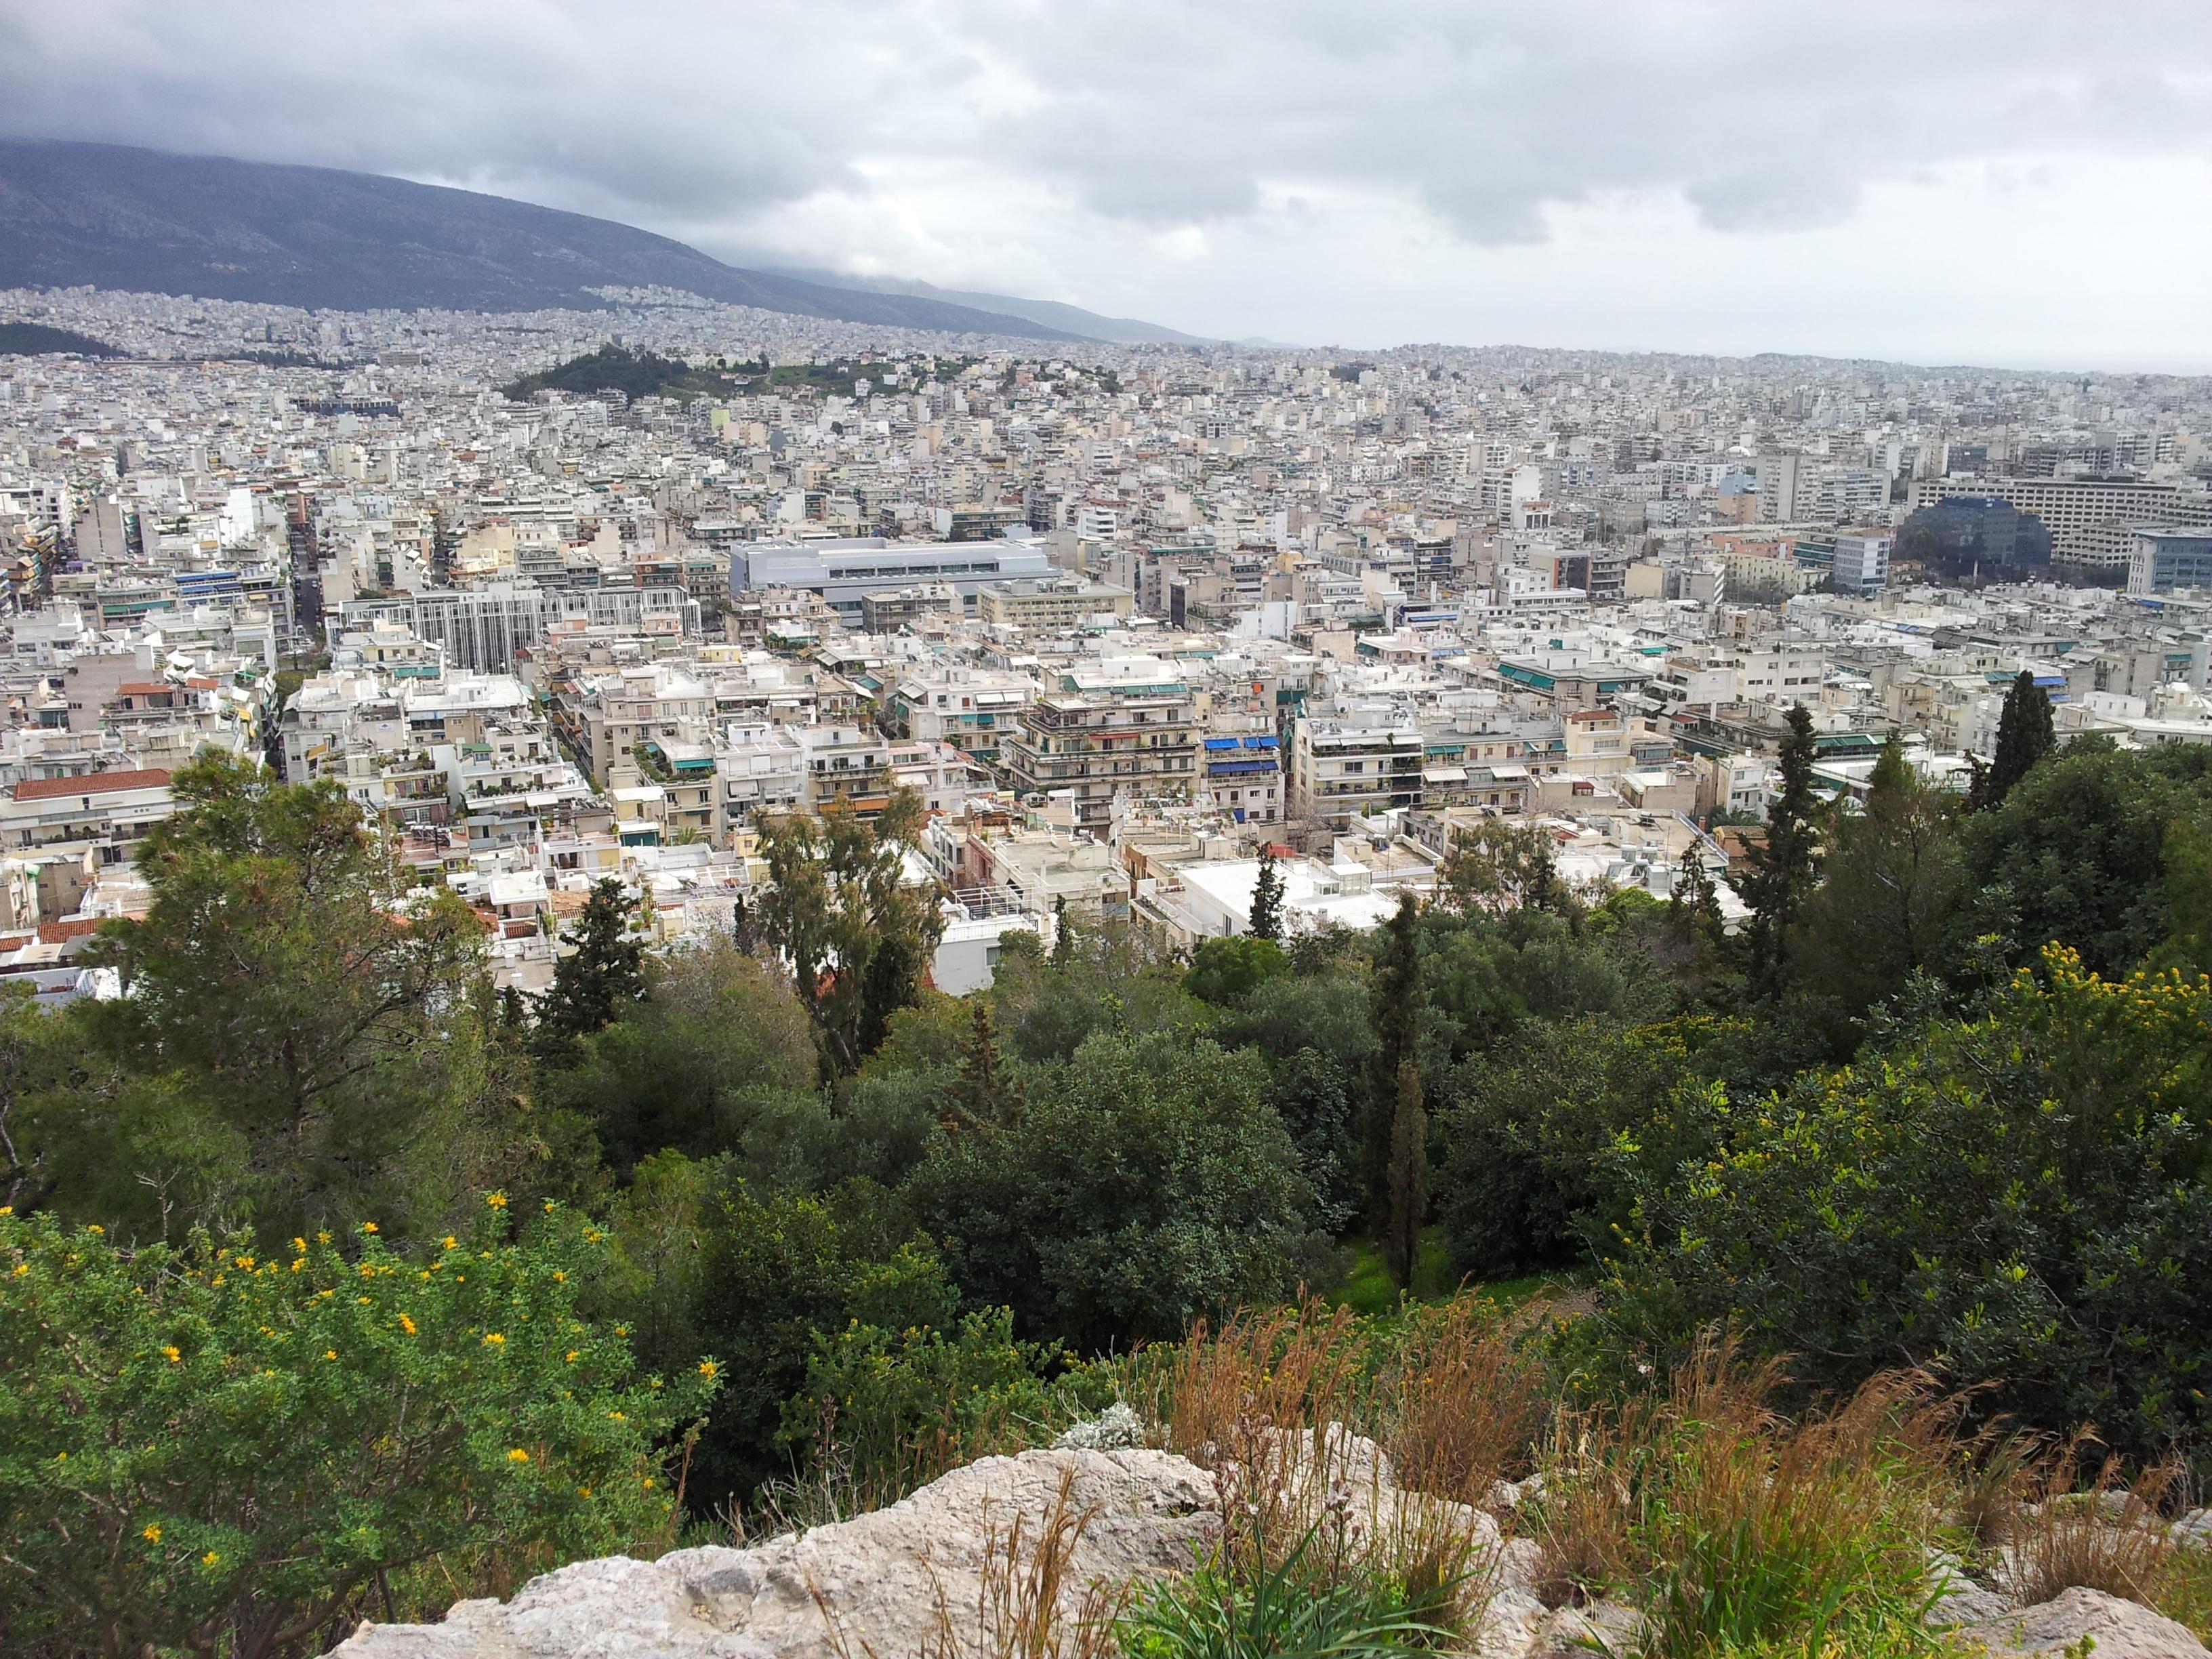 Κατάθεση γνώμης μέσω ερωτηματολογίου για την ανθεκτικότητα της Αθήνας